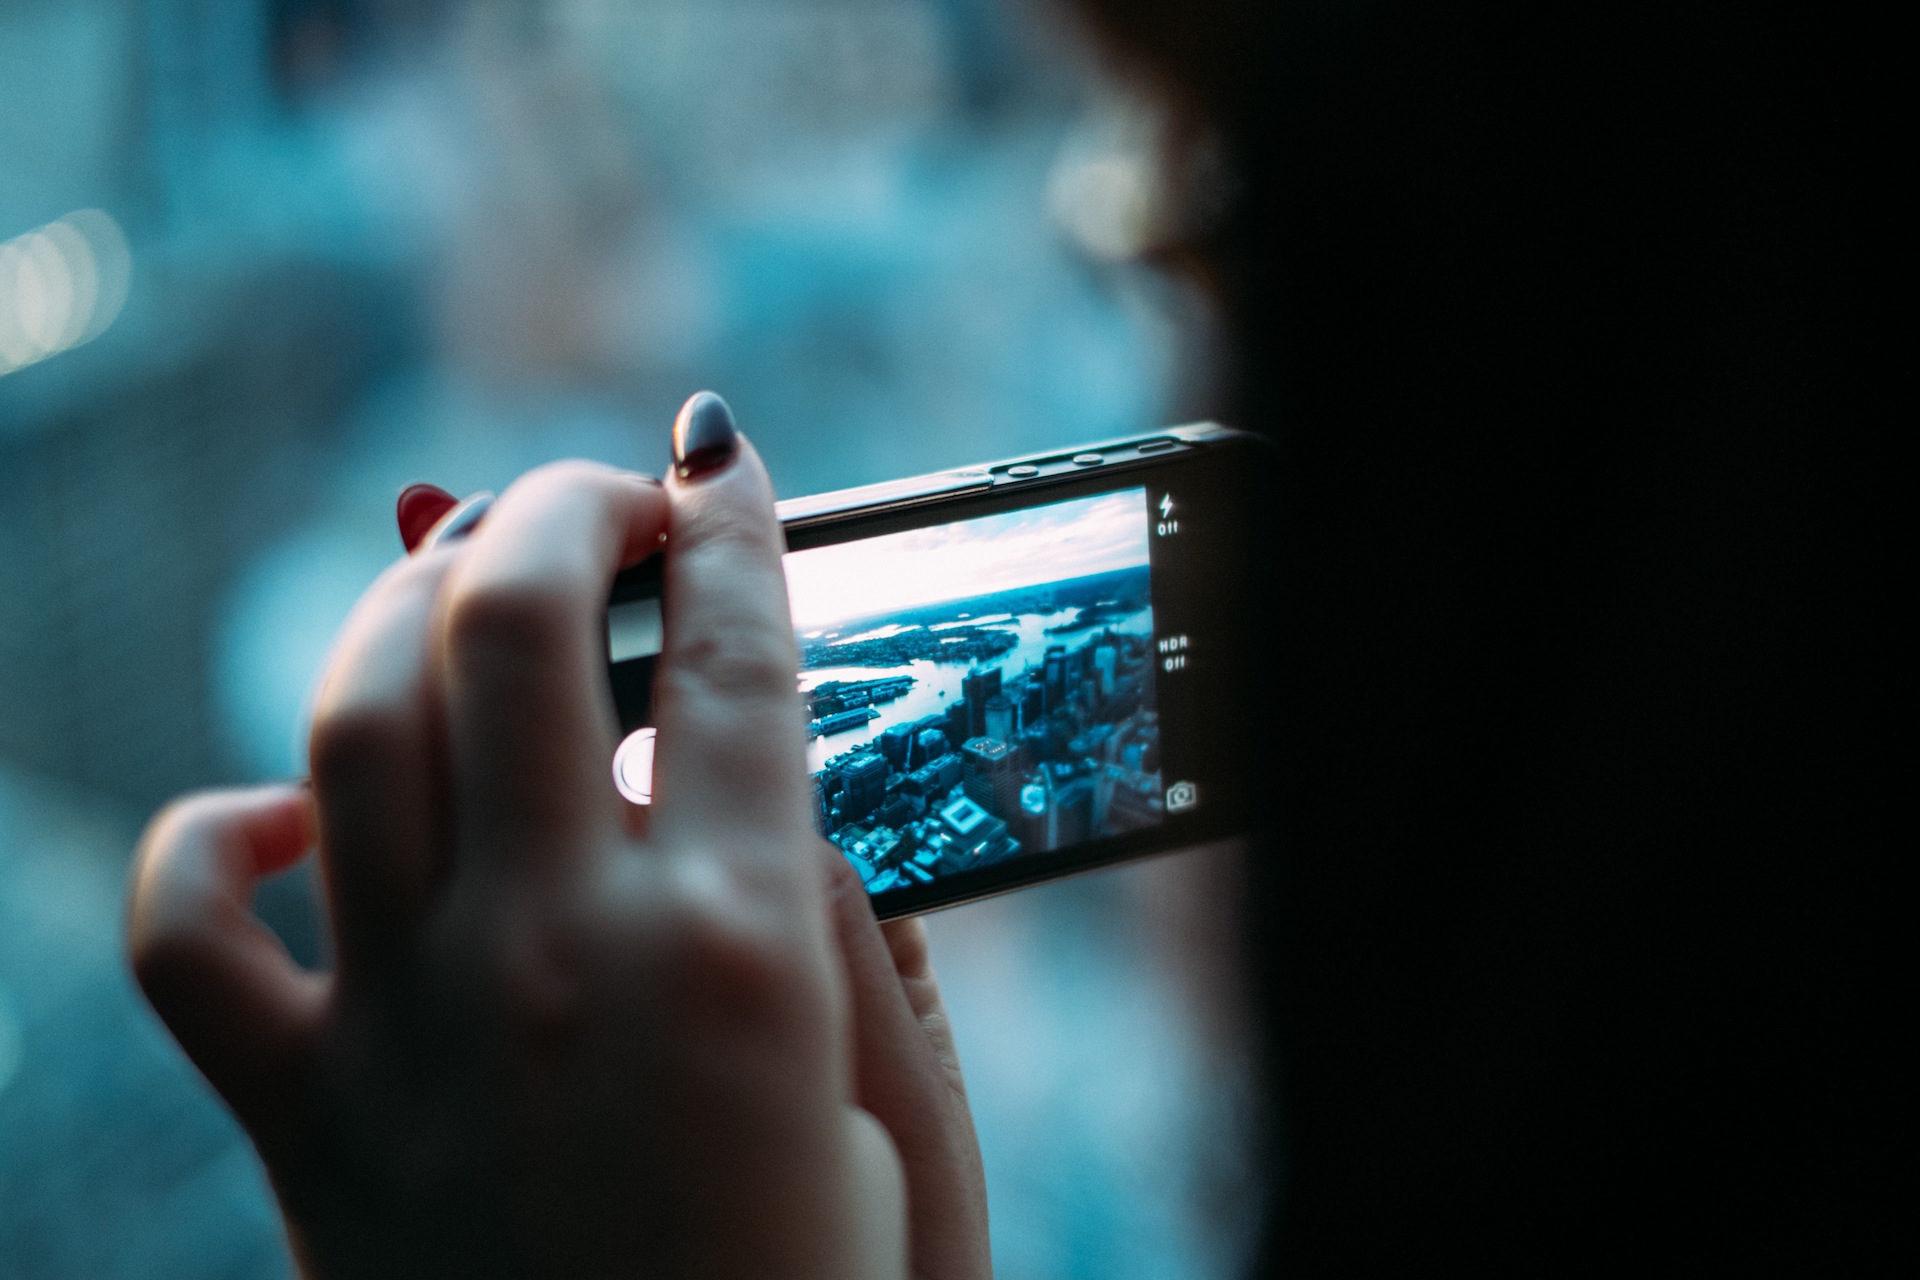 femme, mains, Mobile, ongles, photographie - Fonds d'écran HD - Professor-falken.com